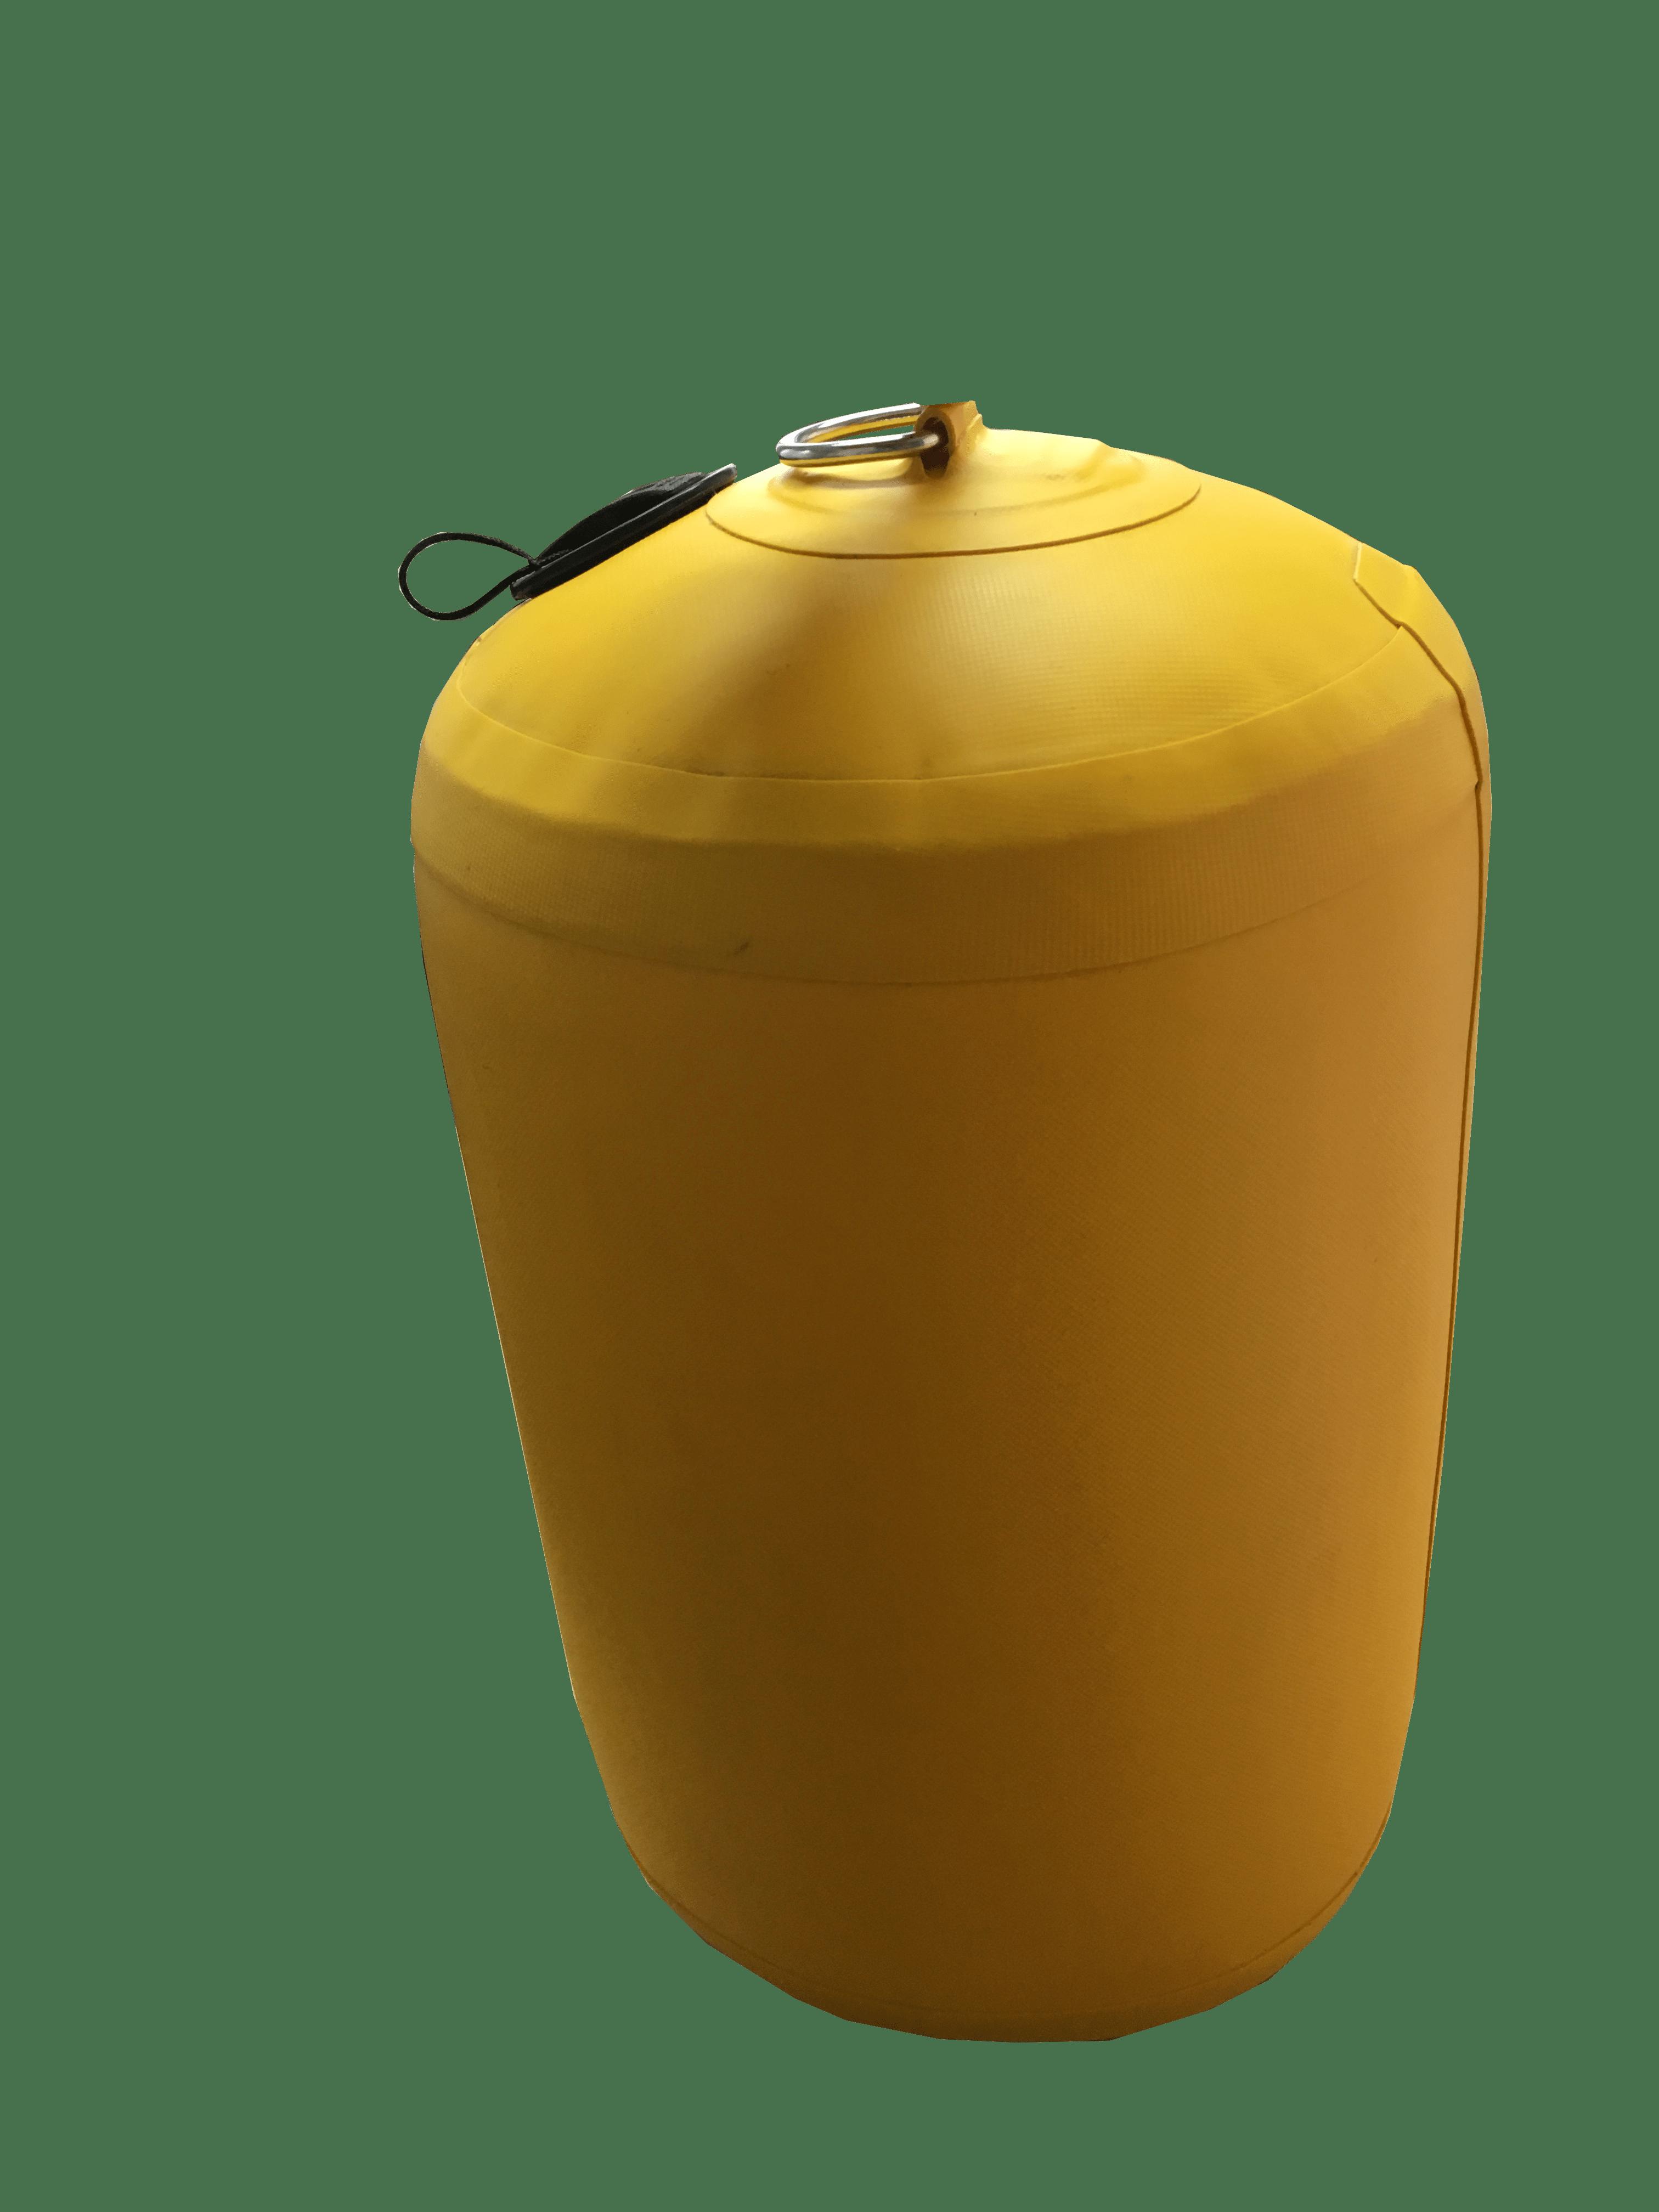 58.93 - Φουσκωτό Μπαλόνι PVC 26x43cm Κίτρινο